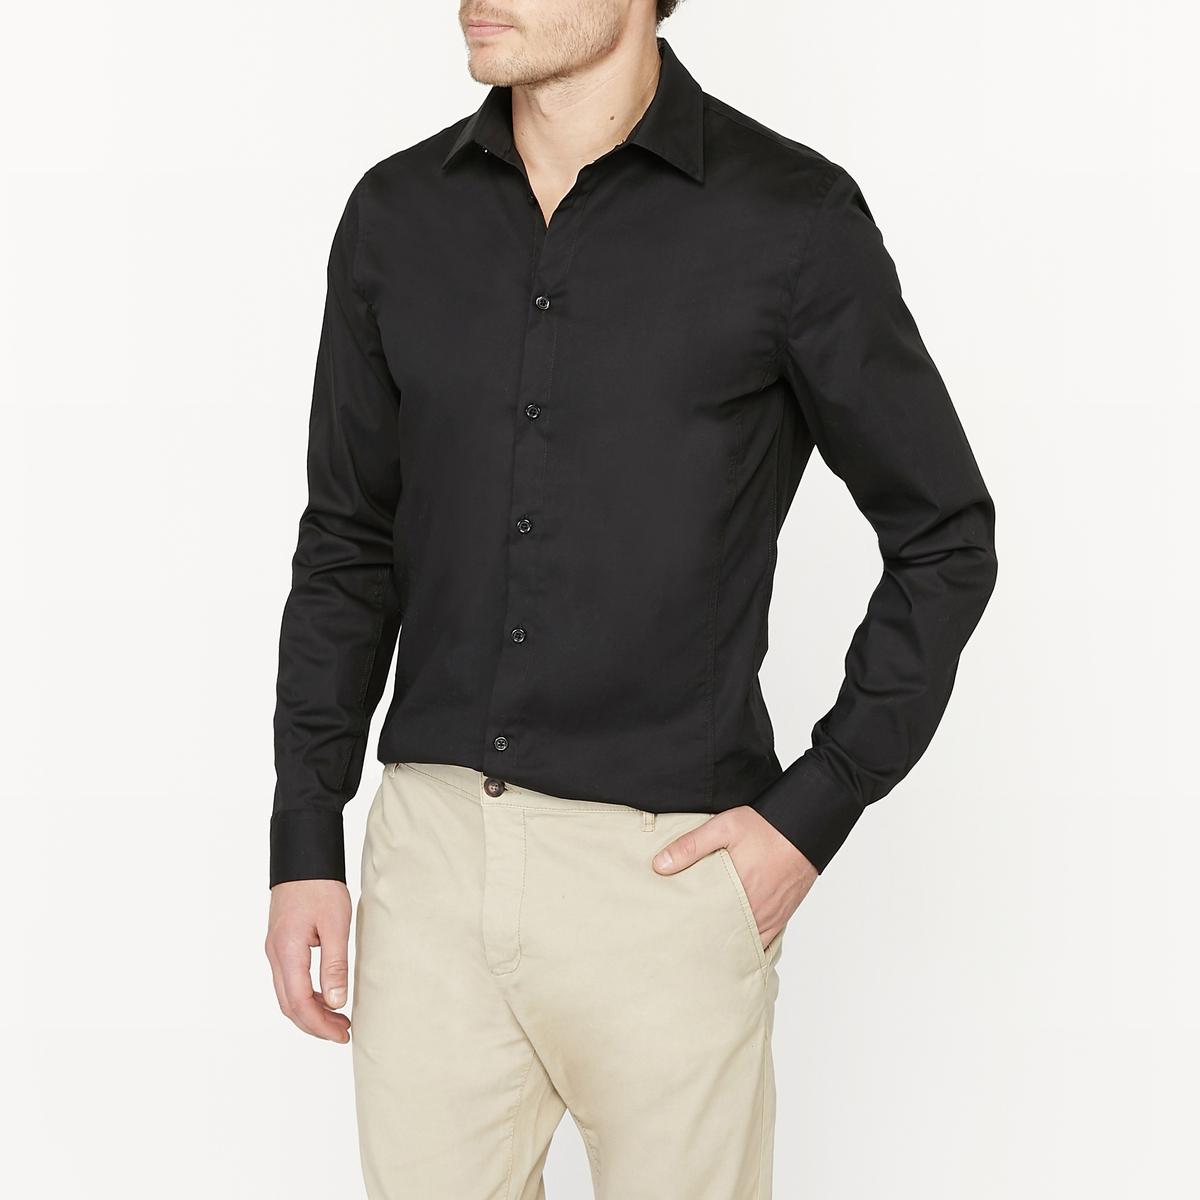 Рубашка супер узкого покрояРубашка супер узкого покроя. Длинные рукава с пуговицами внизу. Итальянский воротник со свободными кончиками. Застежка на пуговицы спереди.Состав и описание:Основной материал: 98% хлопка, 2% эластанаДлина: 79 смУход:Машинная стирка при 30 °CСтирать с вещами схожих цветов с изнаночной стороныОтбеливание запрещеноГлажка на умеренной температуре  Сухая (химическая) чистка запрещенаБарабанная сушка при умеренной температуре<br><br>Цвет: белый,черный<br>Размер: 47/48.45/46.43/44.41/42.35/36.47/48.45/46.41/42